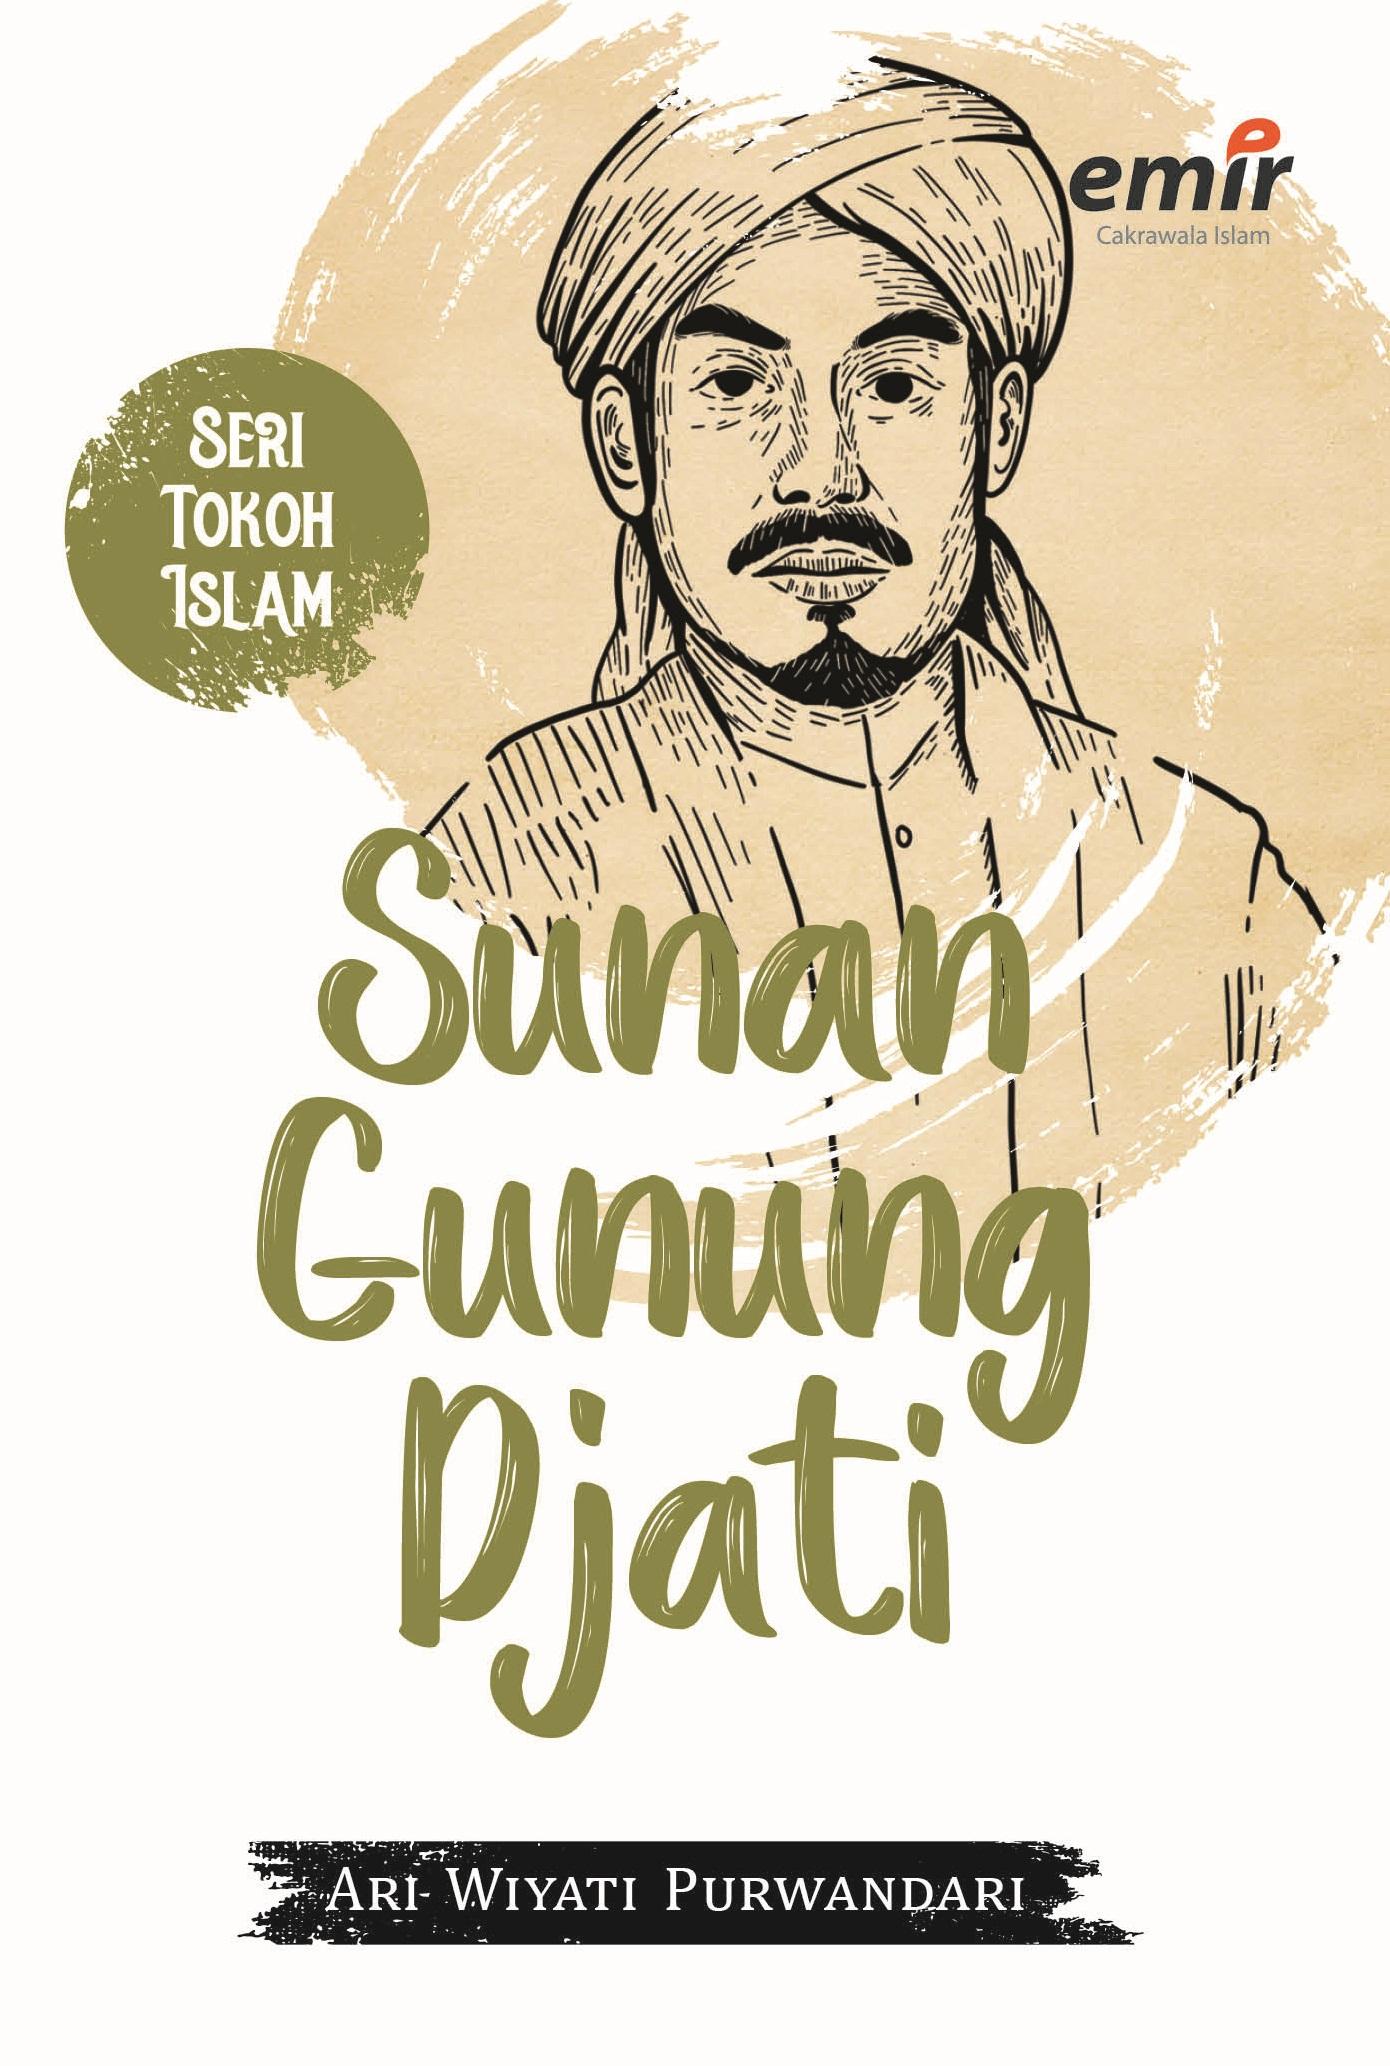 SERI TOKOH ISLAM: SUNAN GUNUNG DJATI